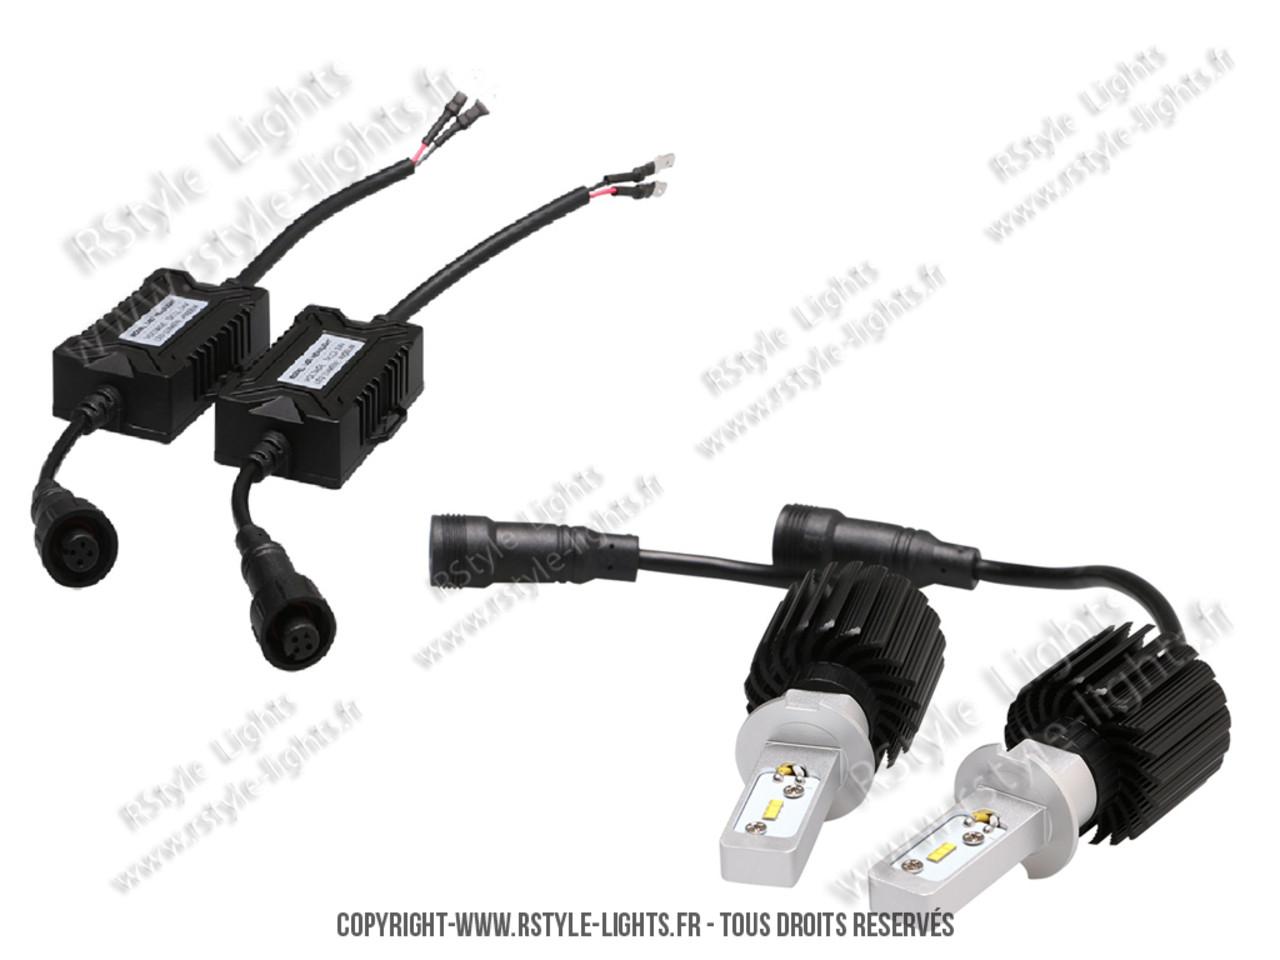 ampoules led phares h3 feux croisement route auto moto. Black Bedroom Furniture Sets. Home Design Ideas